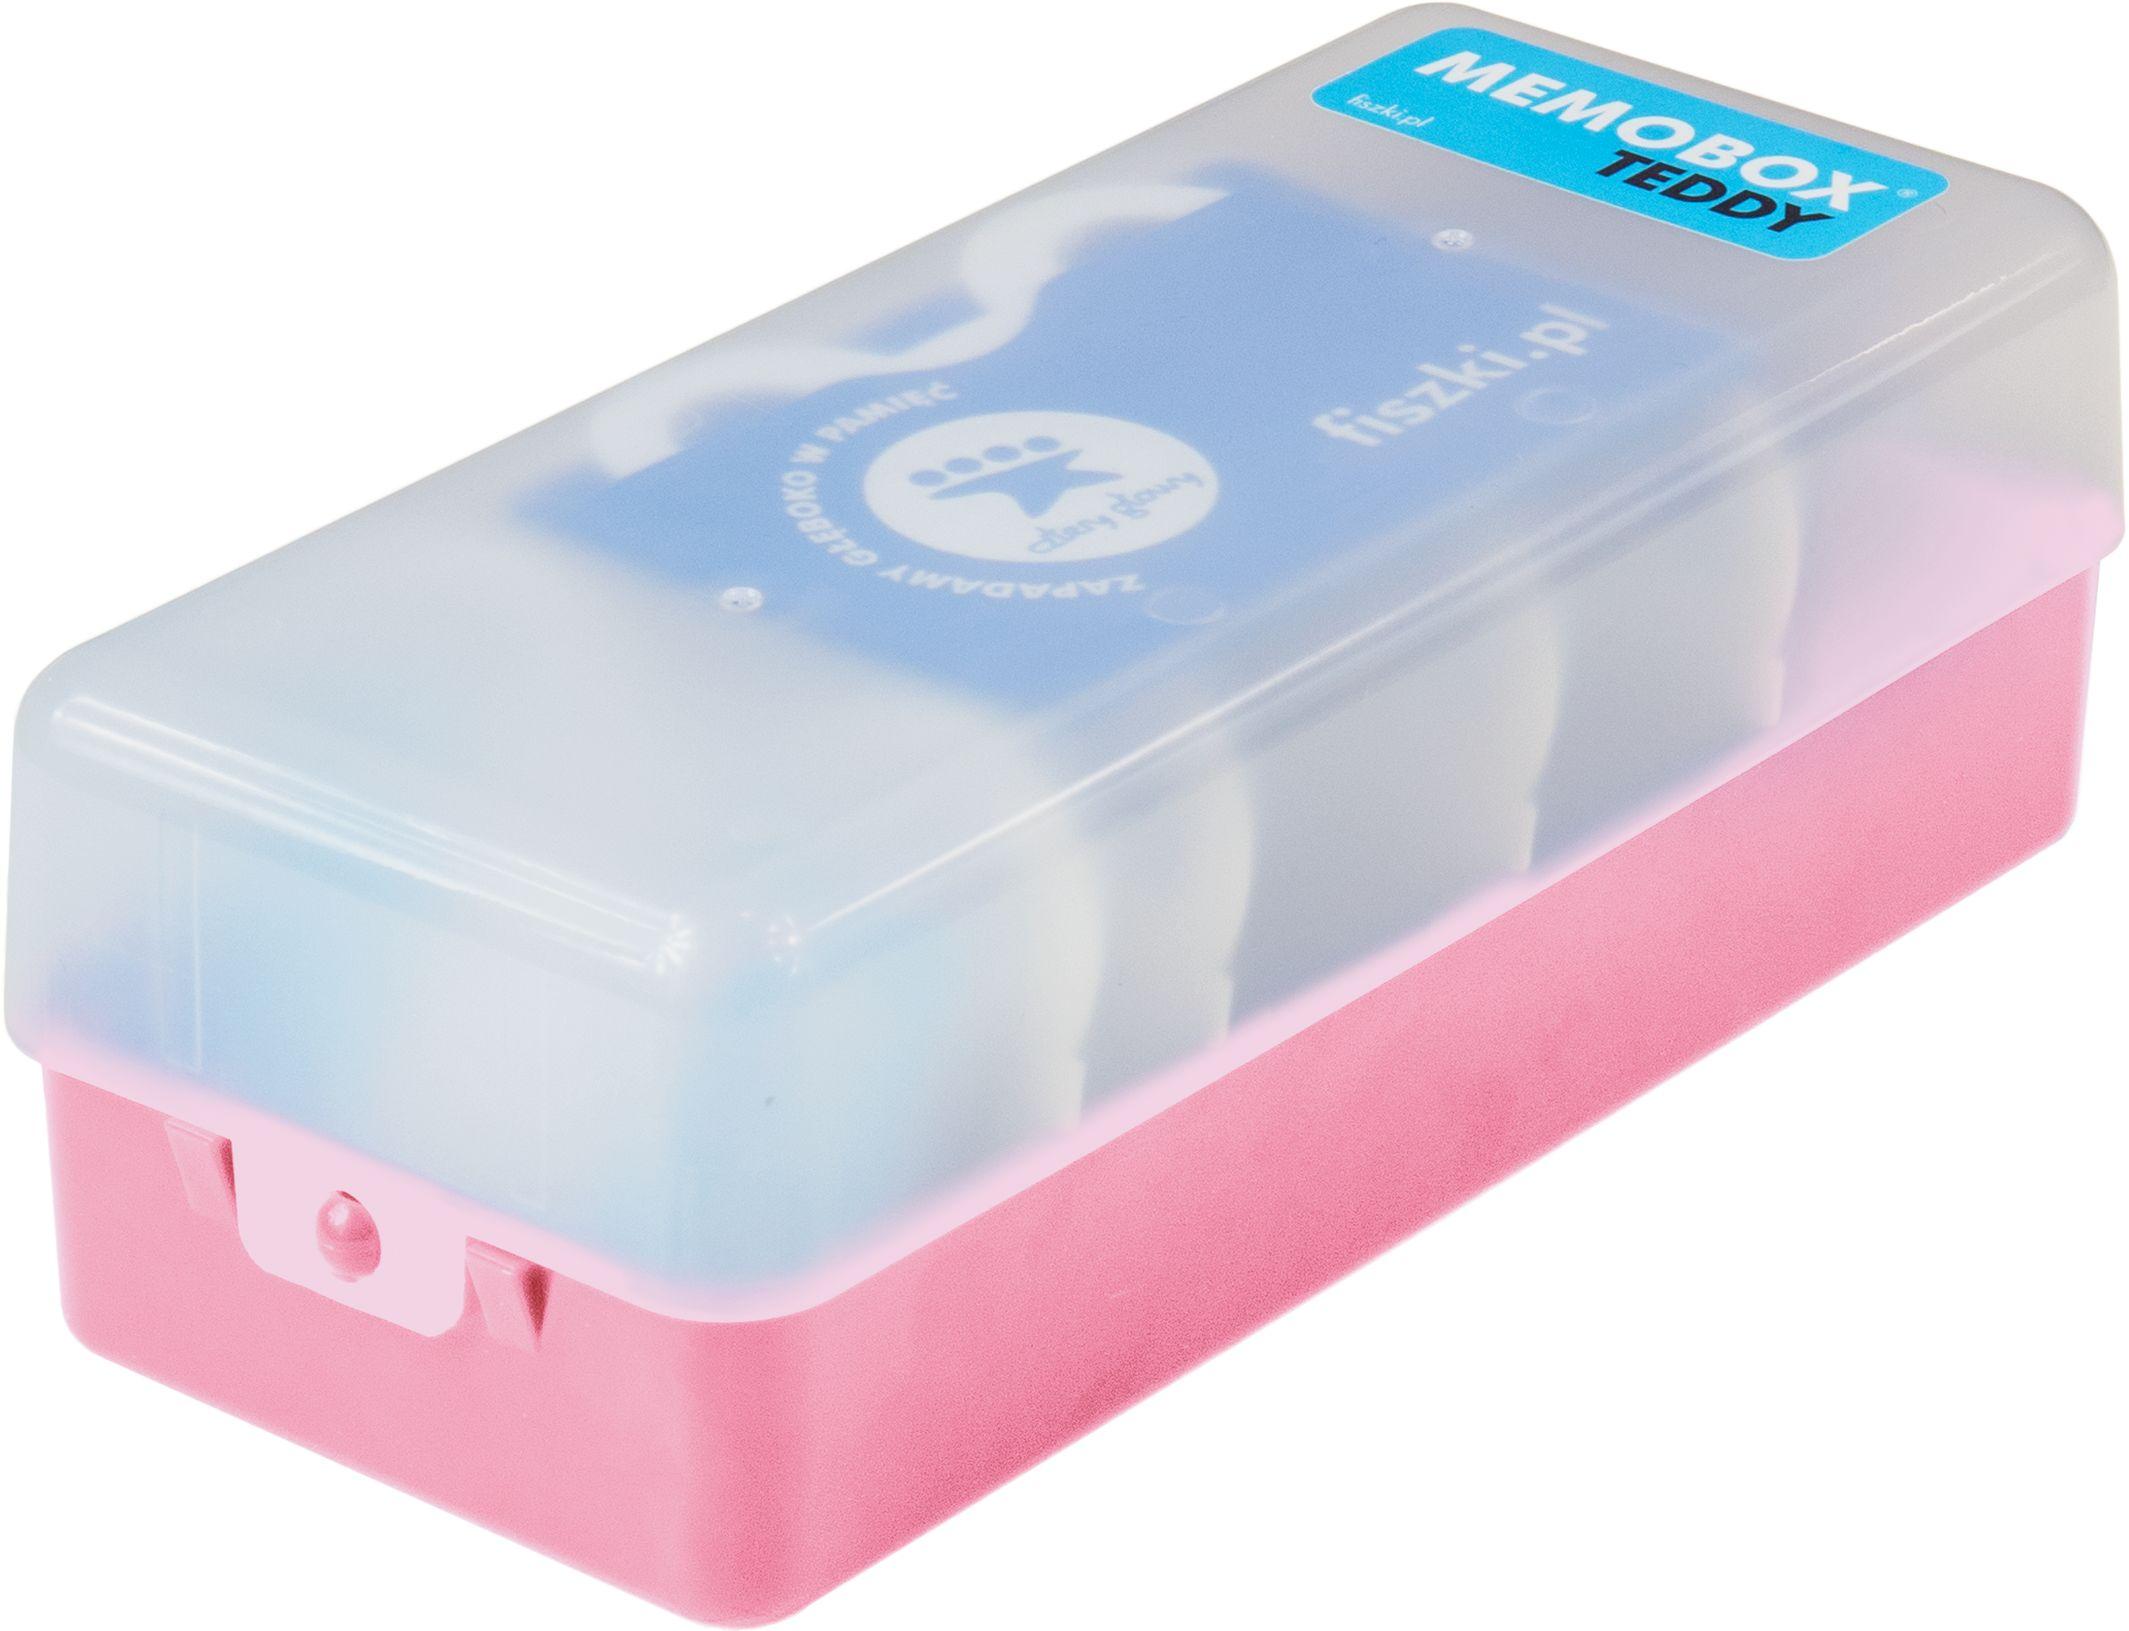 MEMOBOX TEDDY PINK - pudełko do nauki z fiszek